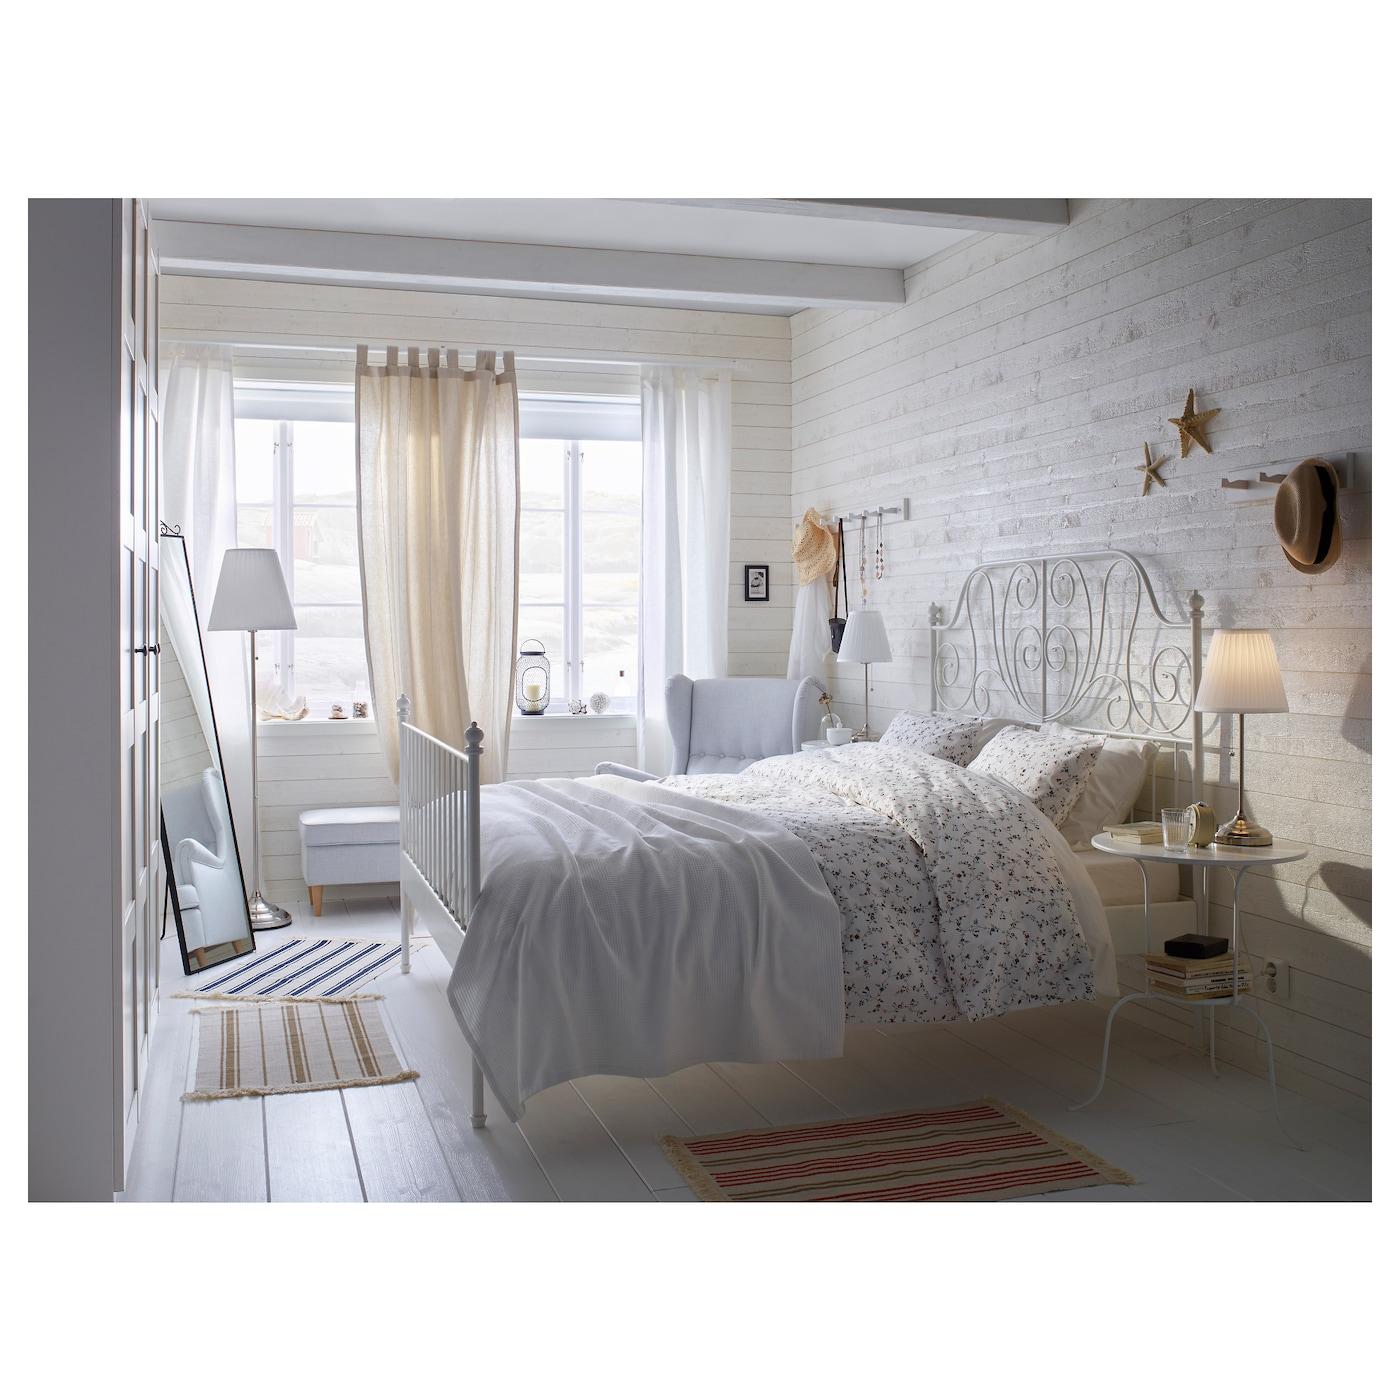 Ikea Bett Leirvik 160x200 Best images about ikea leirvik bed on